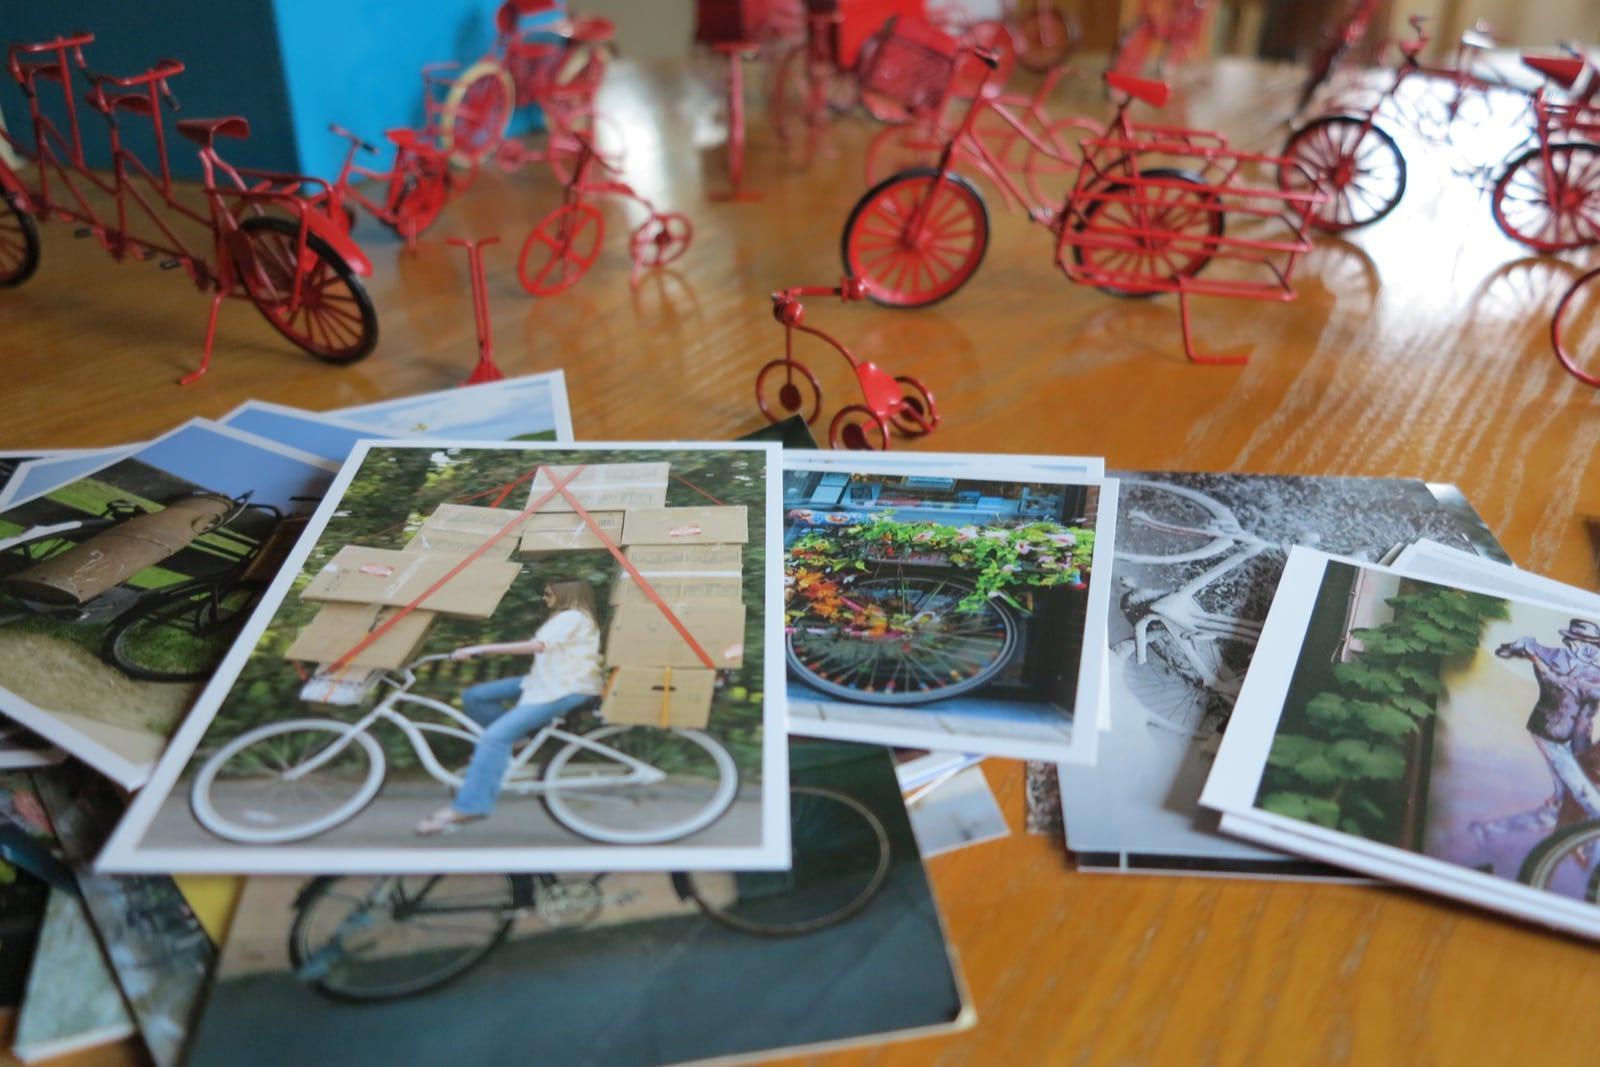 et-fiets-en-fietser-122-verzameling-van-janna-oi.jpg